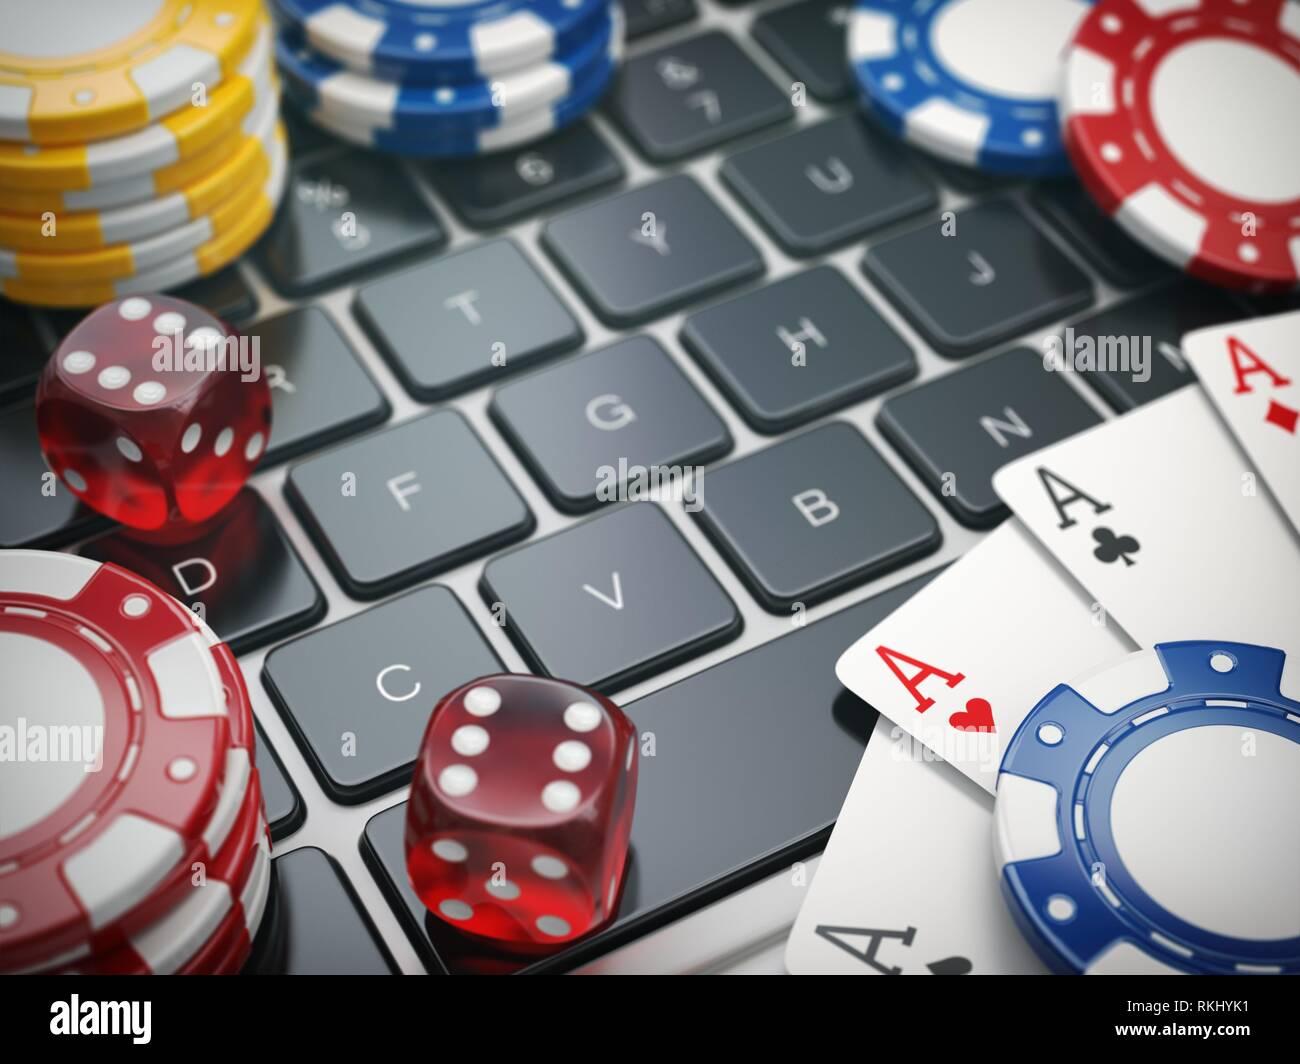 juegos de casino por internet gratis